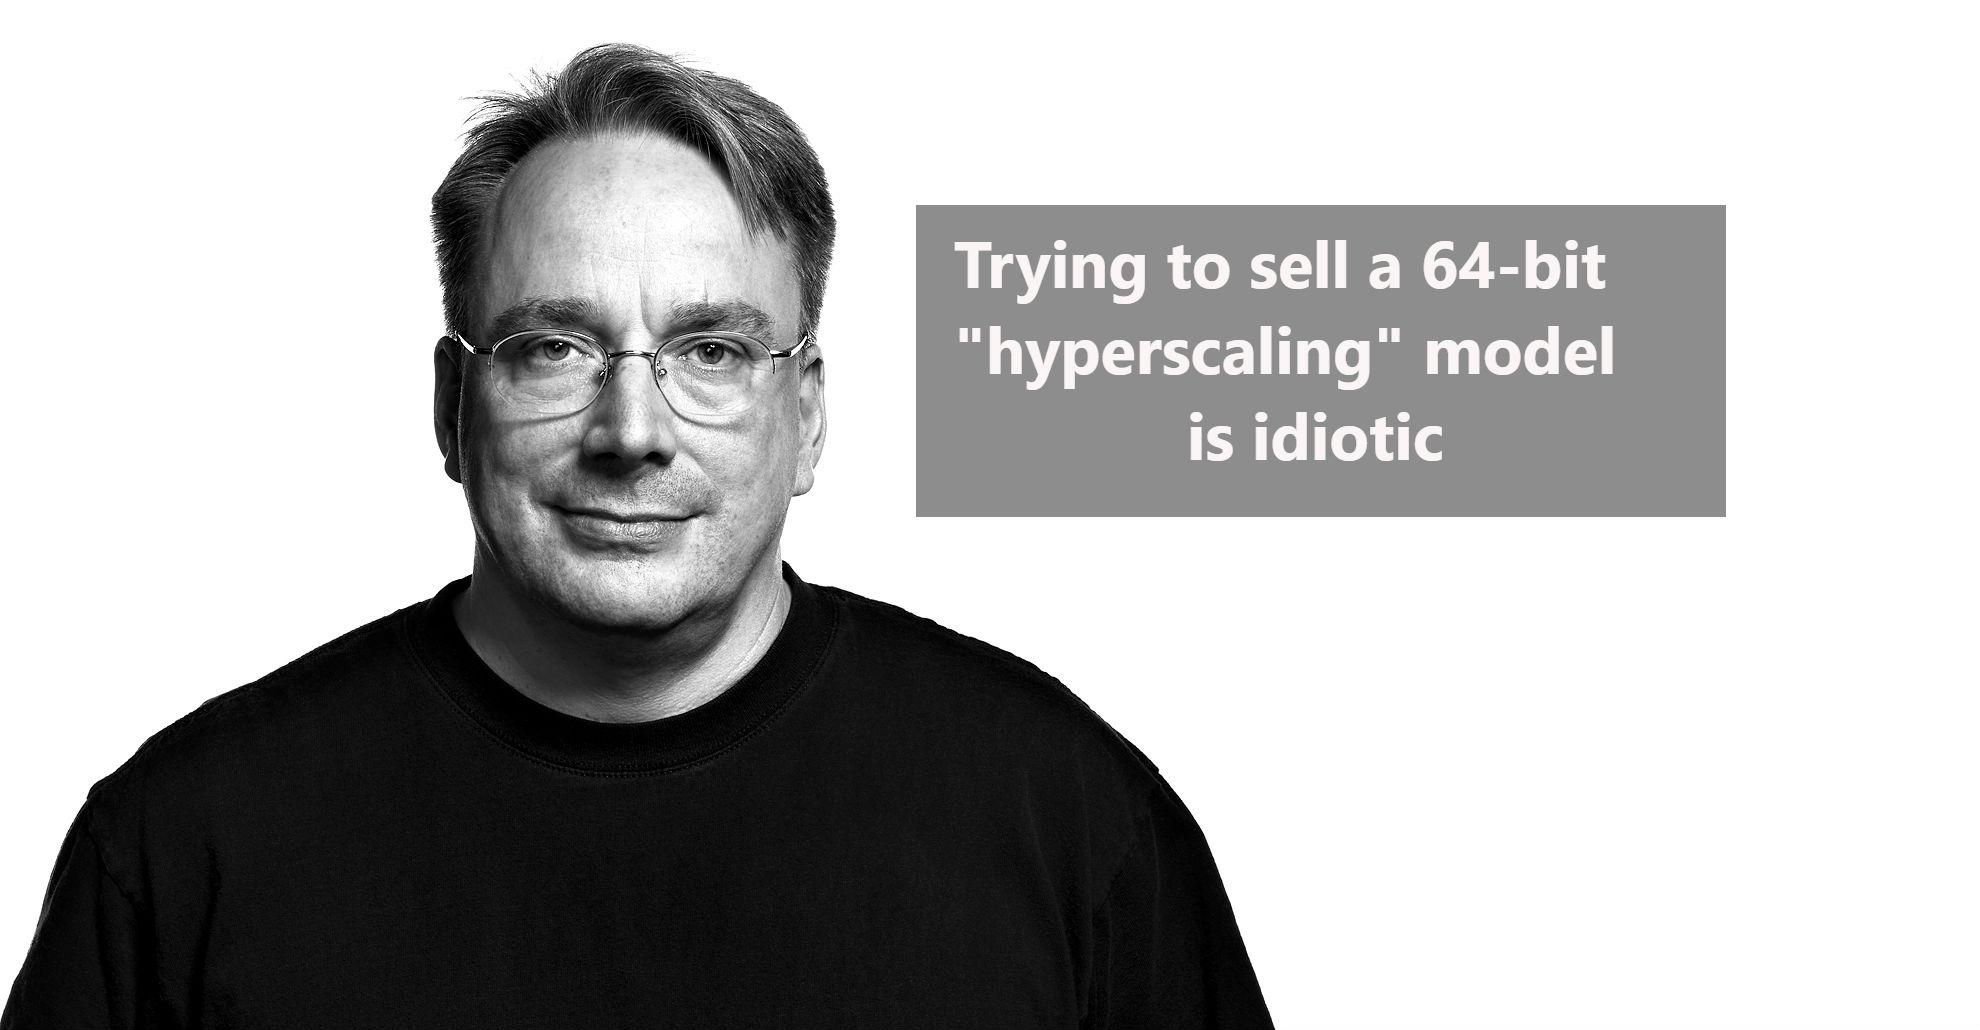 Линус Торвальдс не верит, что серверы на ARM-архитектуре заменят x86. «Продавать 64-битную модель — идиотизм» - 1